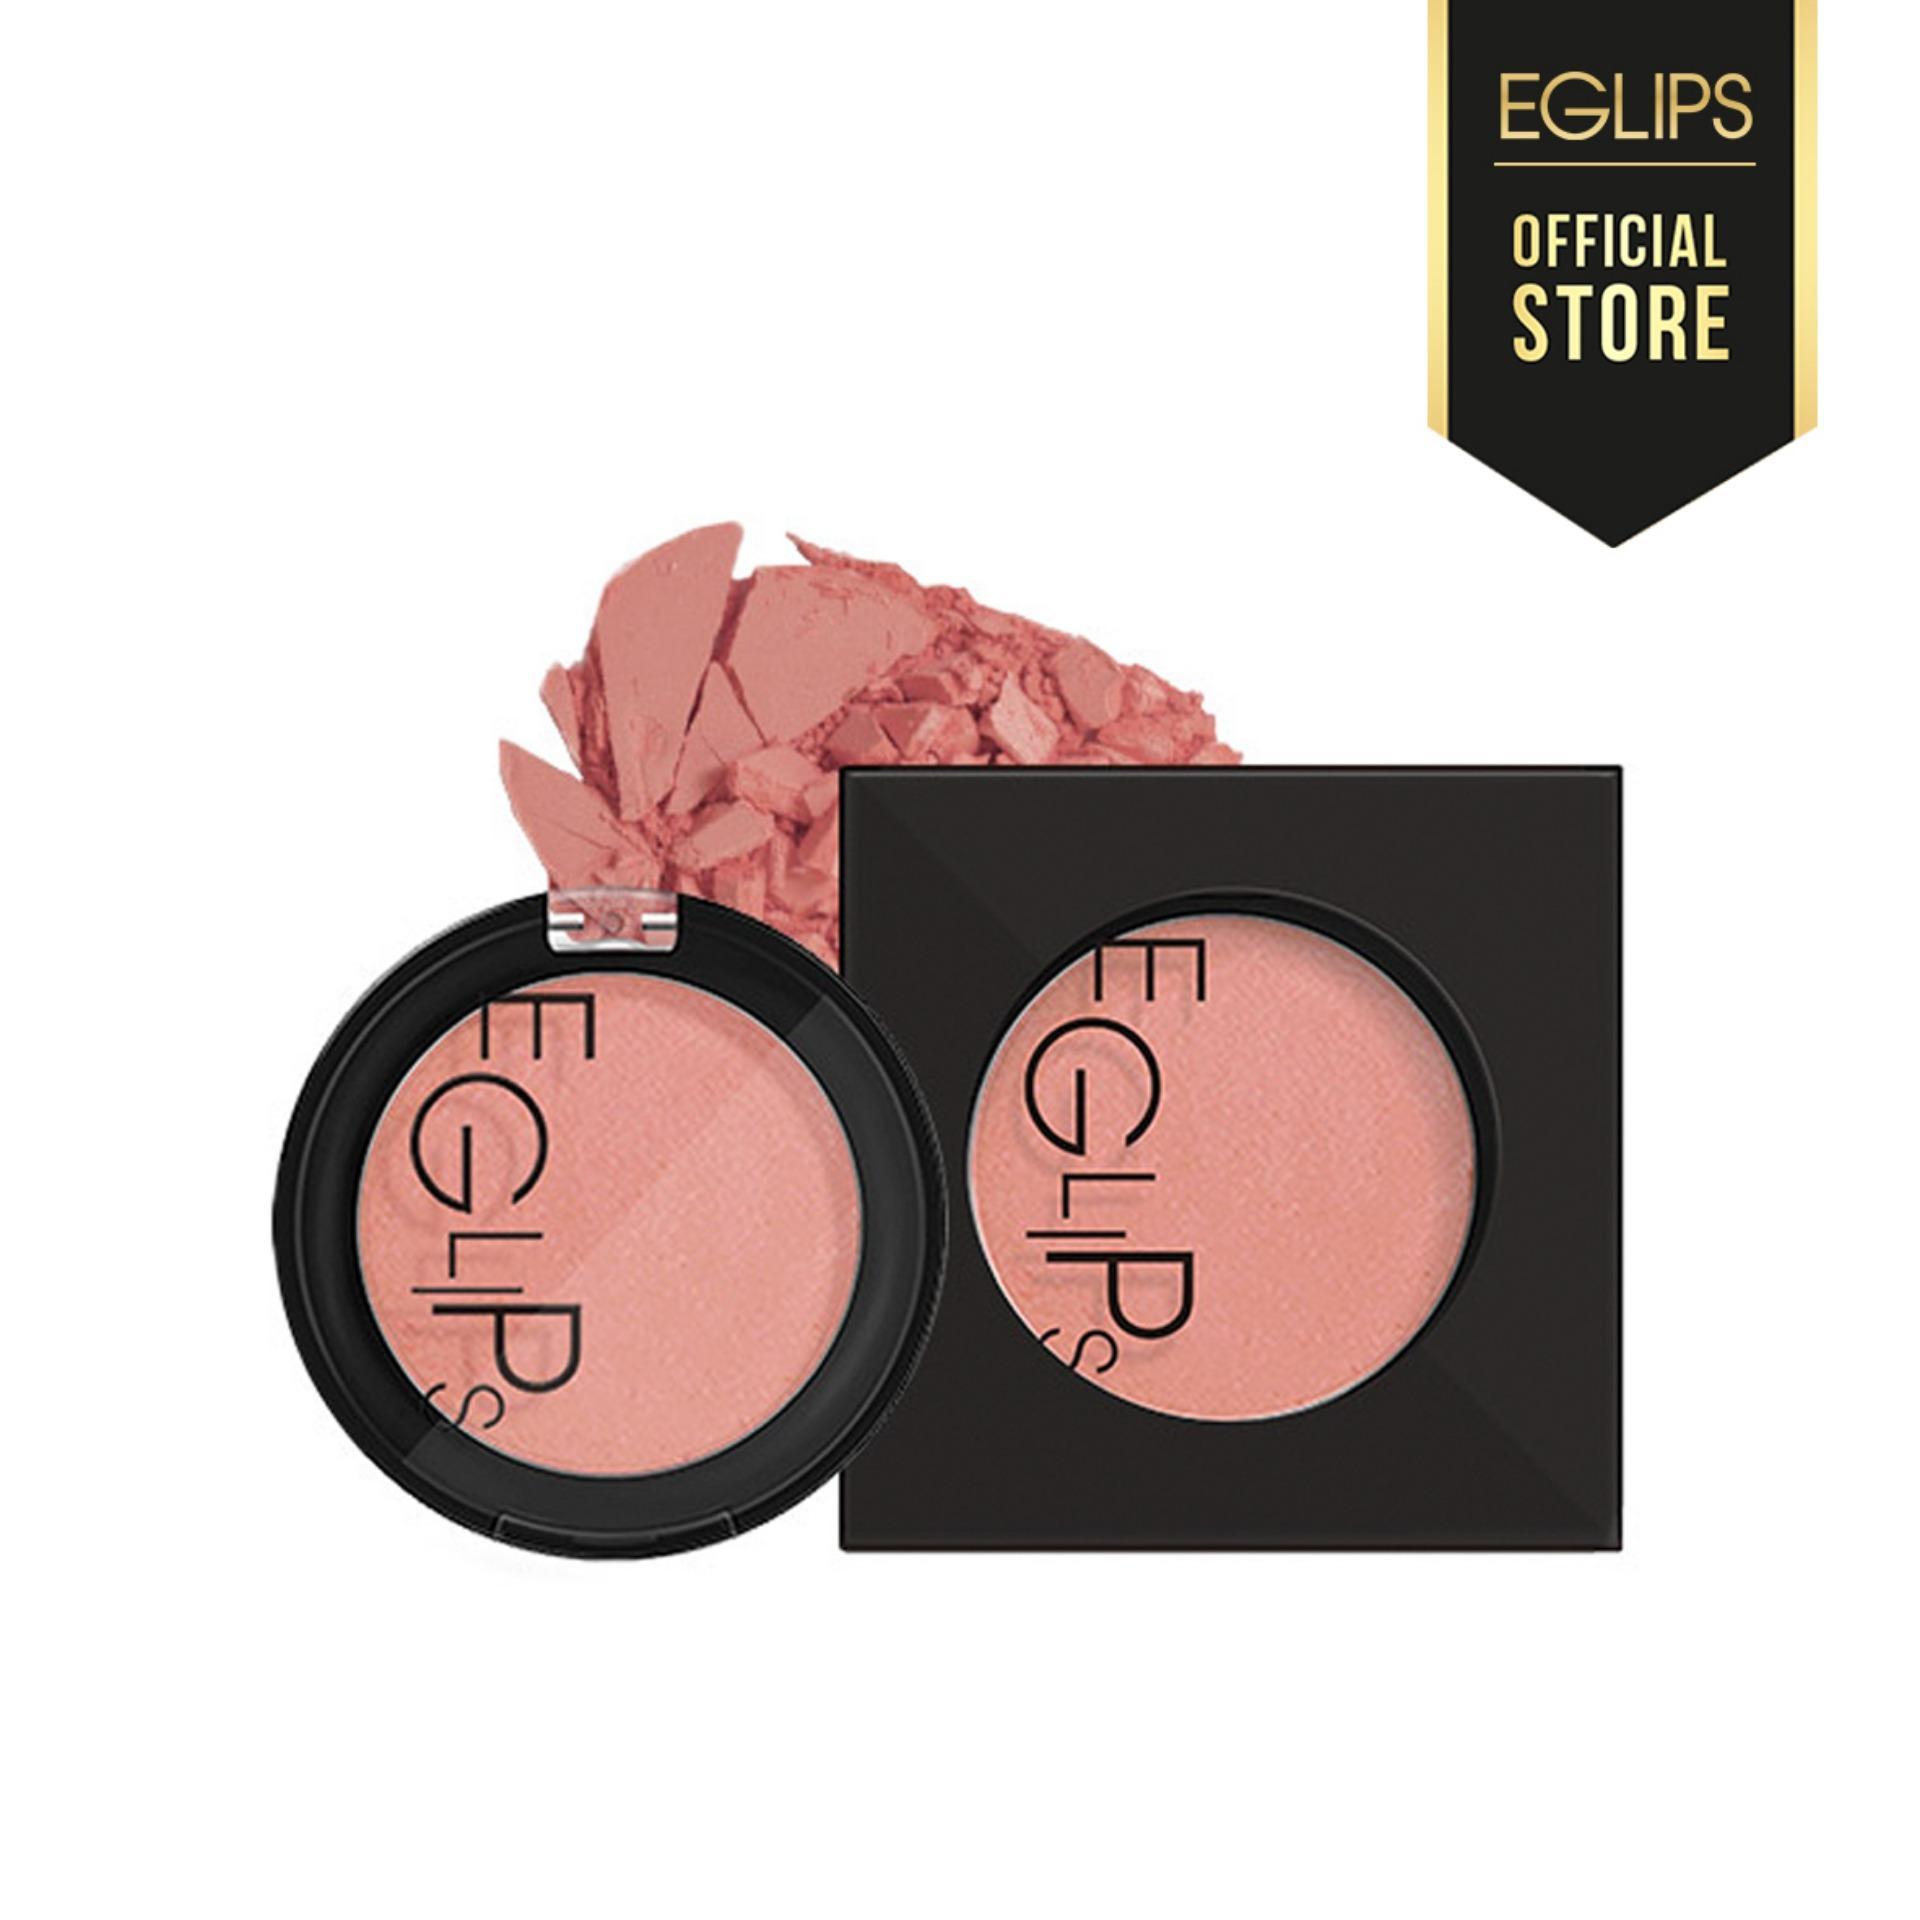 Phấn Má Eglips Apple Fit Blusher - 08 Sand Pink (Màu hồng nude) tốt nhất